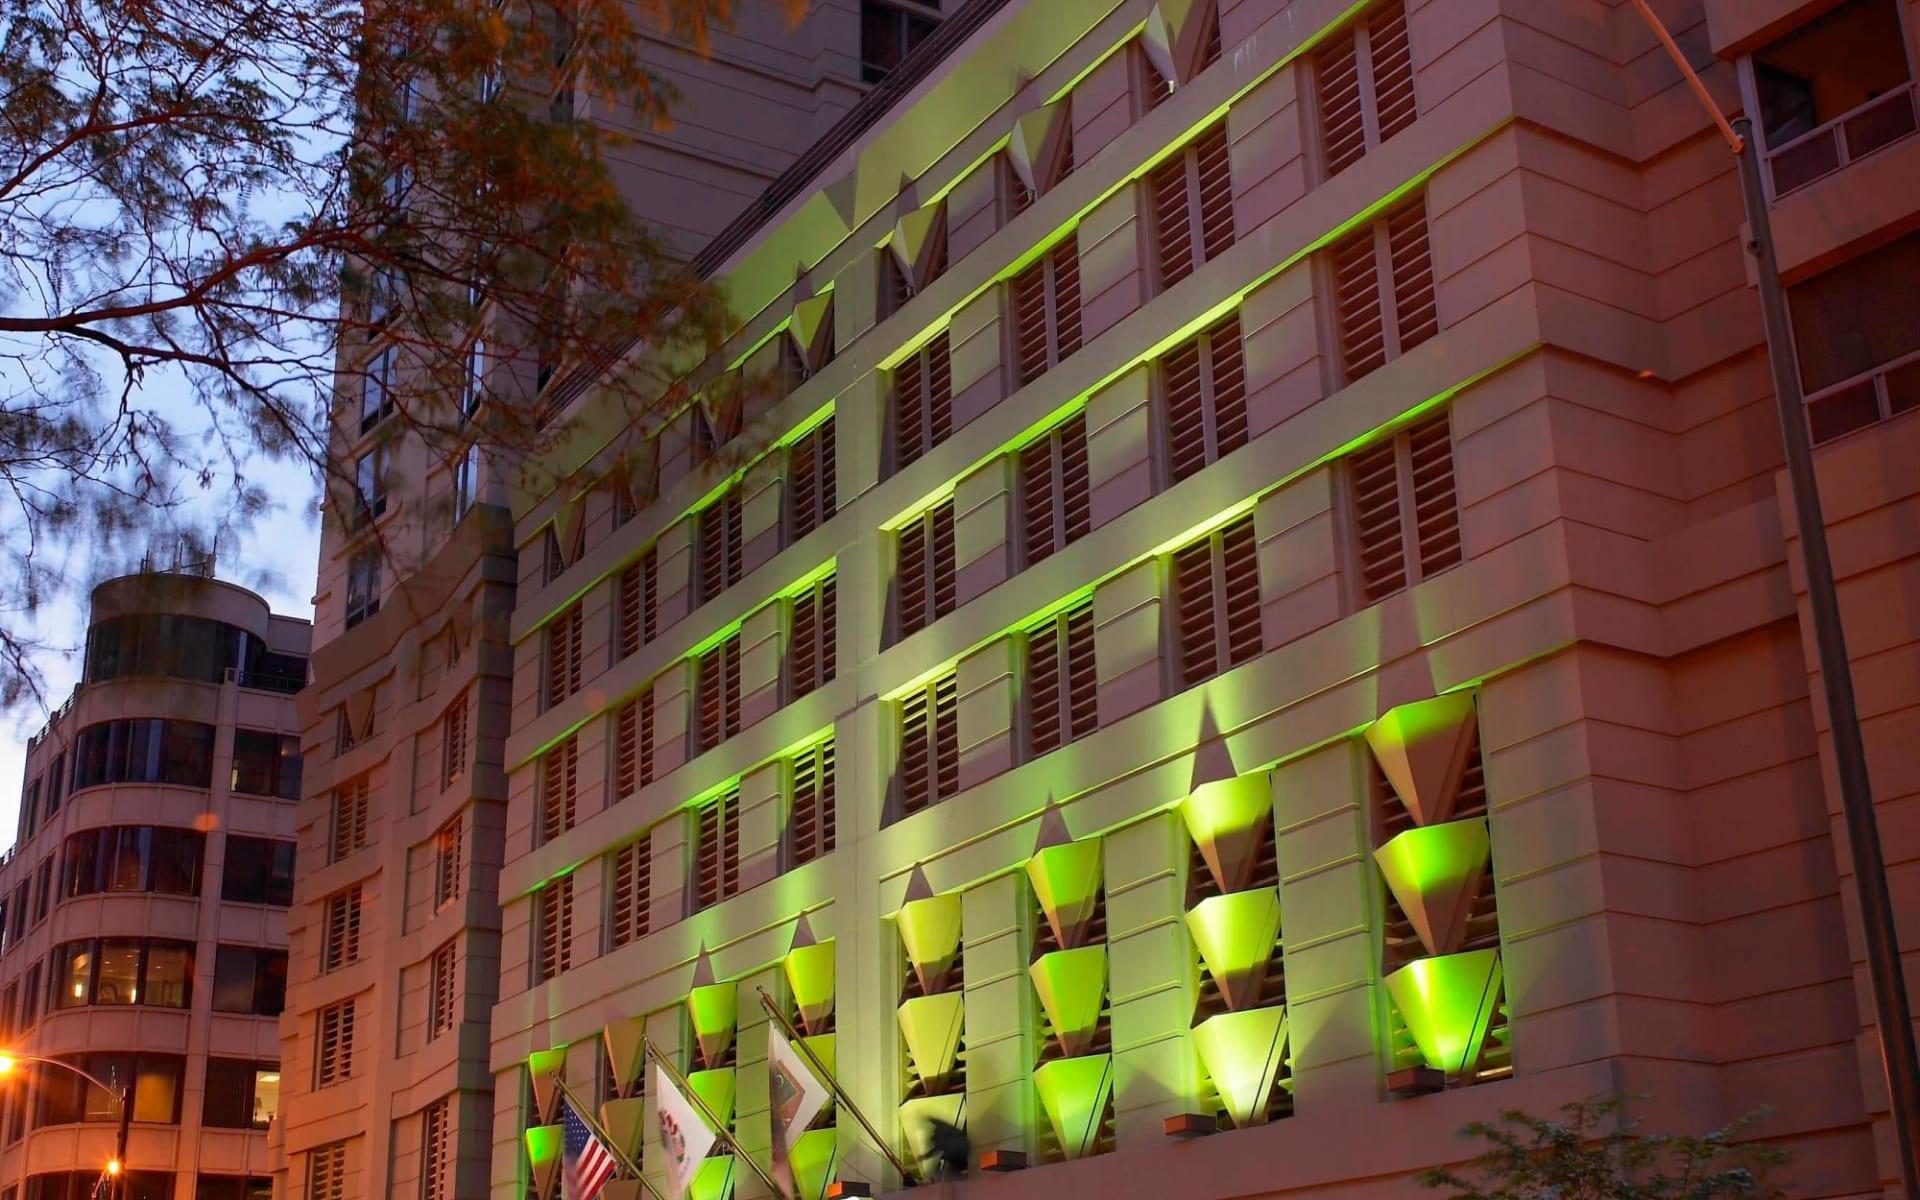 Courtyard Chicago Downtown/River North:  Couryard CHI Downtown - Aussenansicht_ATI